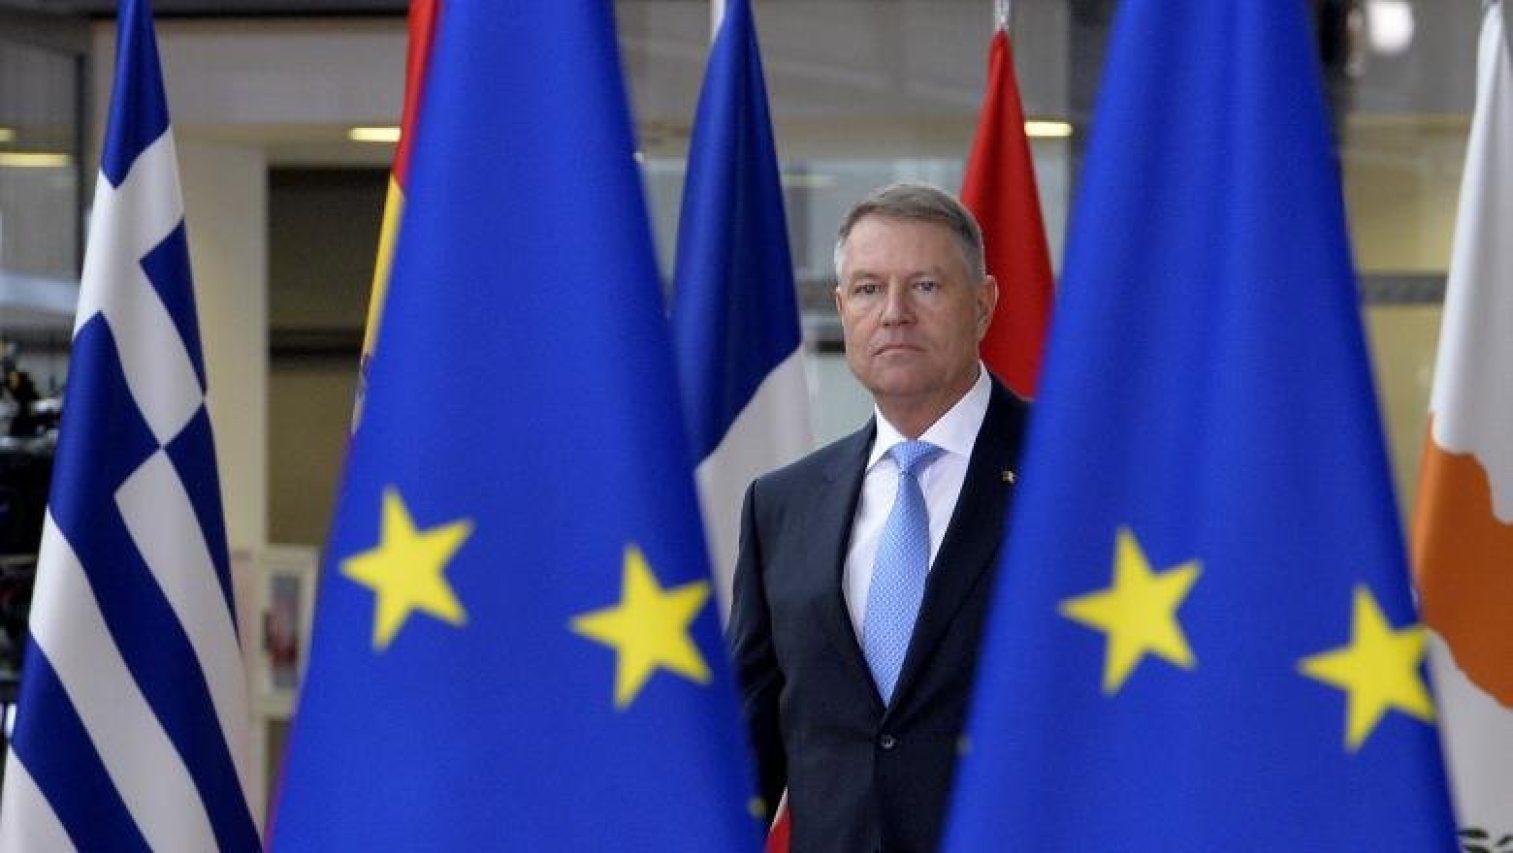 Klaus Iohannis Ue